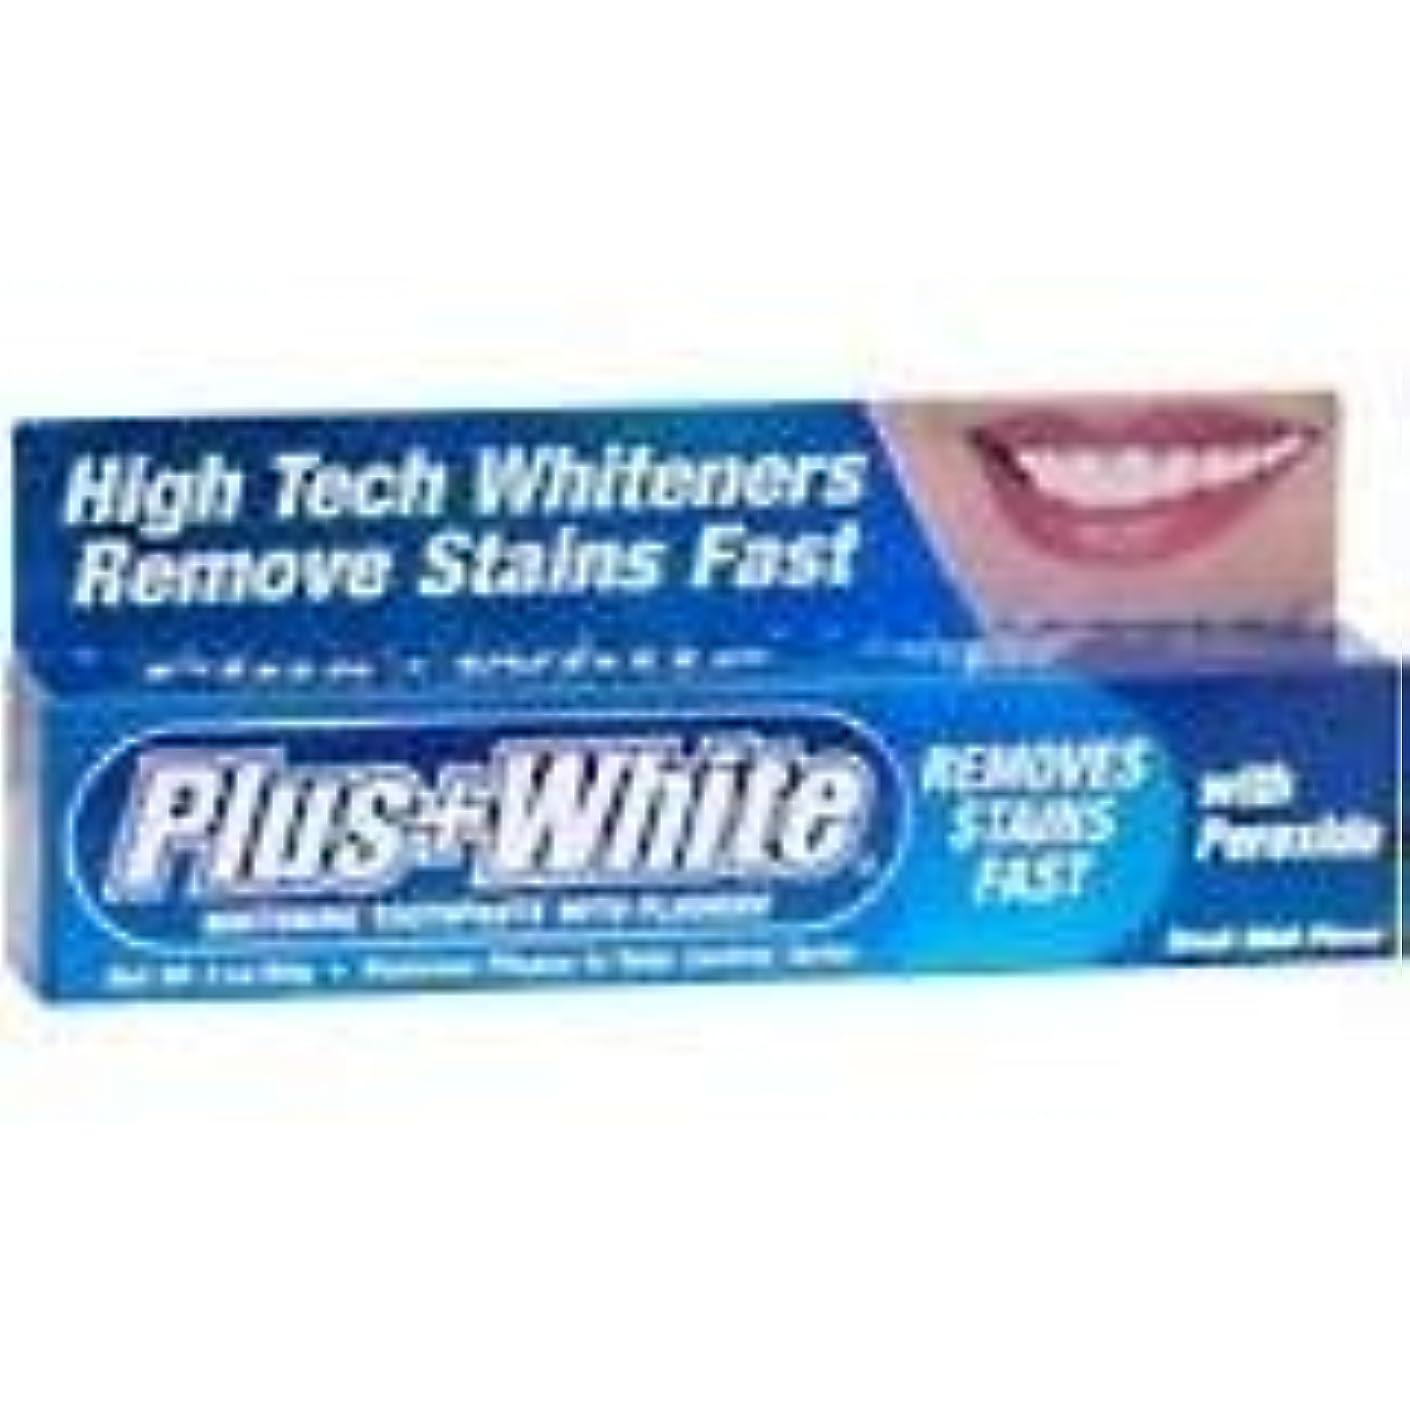 考えるパリティトリムPlus White 過酸化物とエクストラホワイトニング歯磨き(1パック)